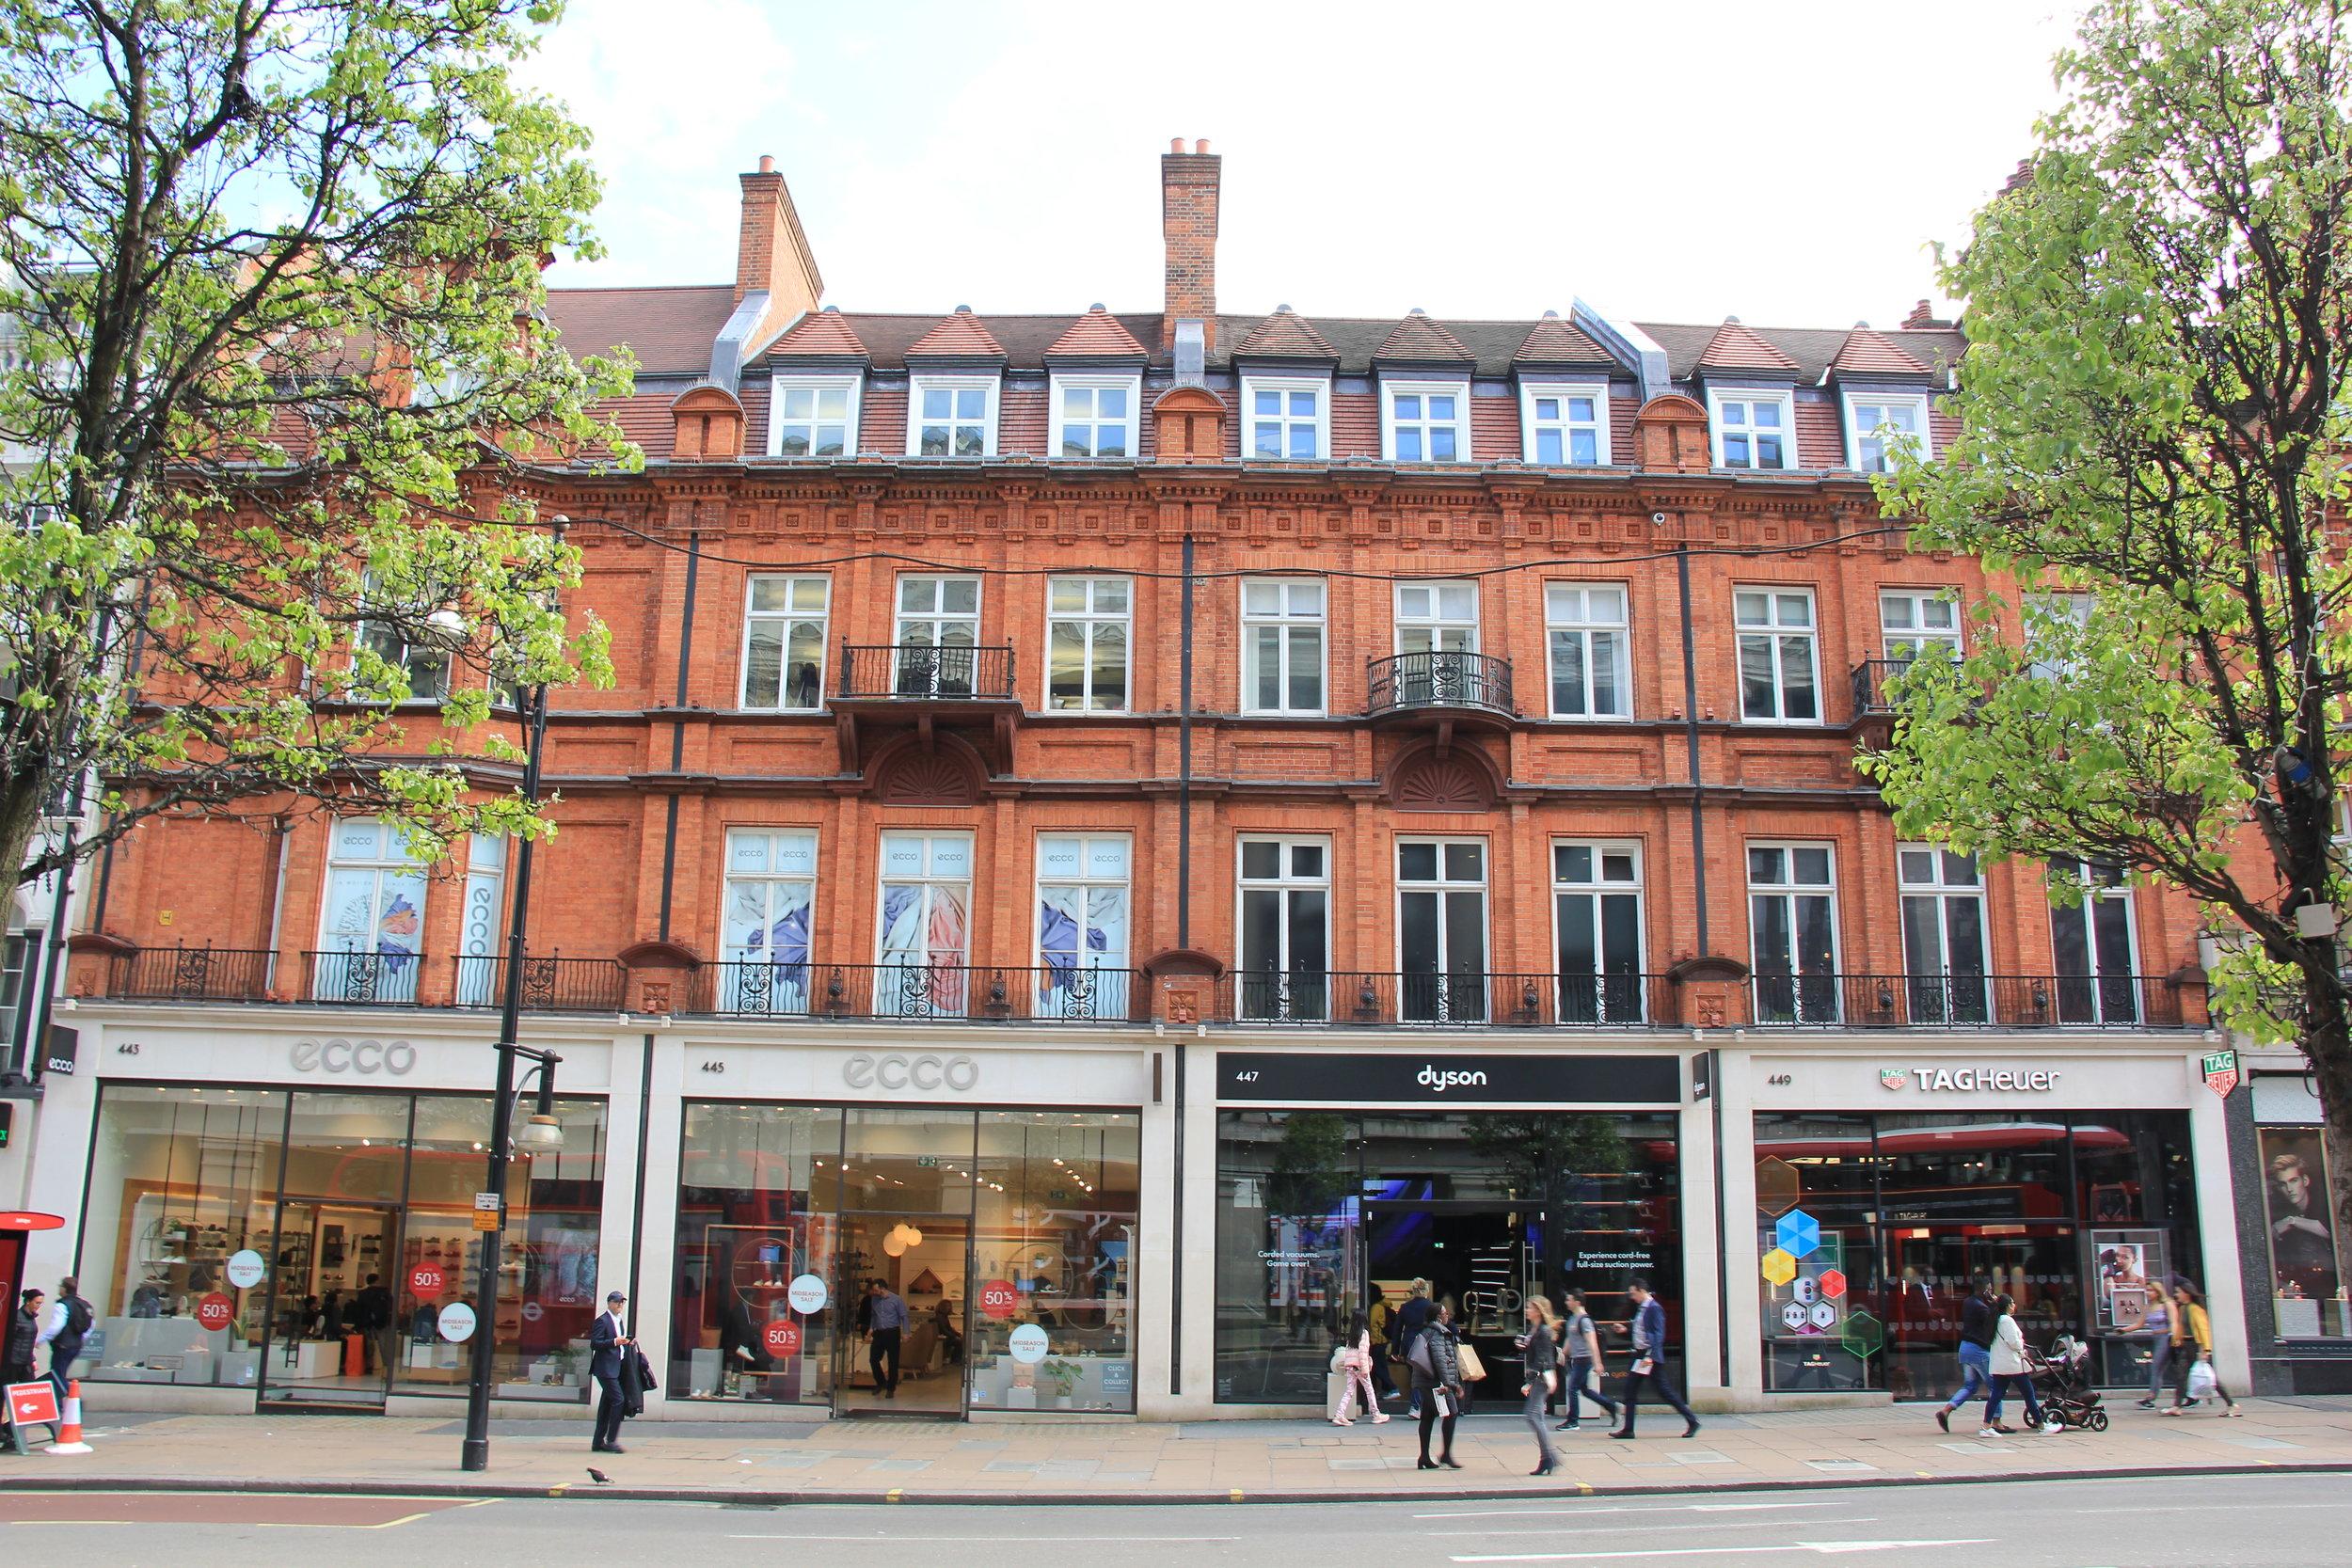 451 Oxford Street, London